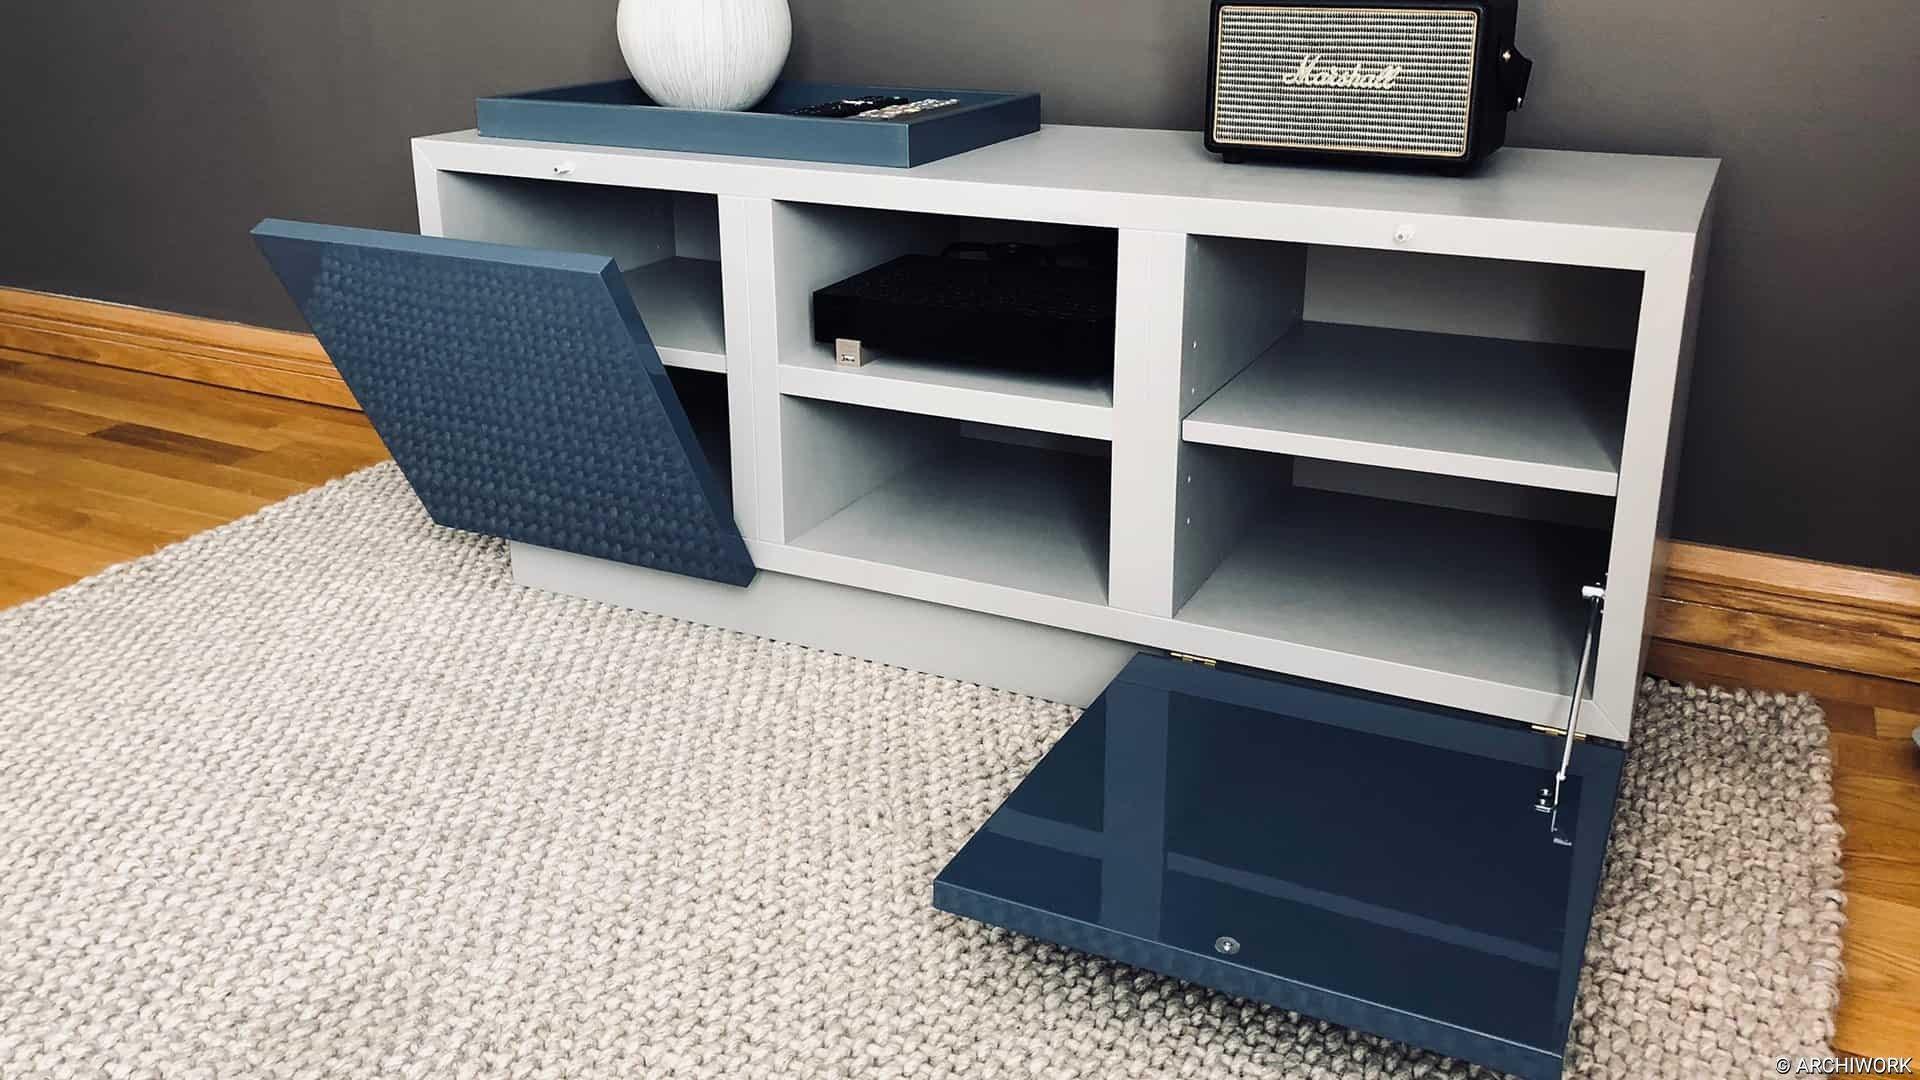 archiwork mobiliers sur mesure meuble tv meuble bas paris salon aménagements